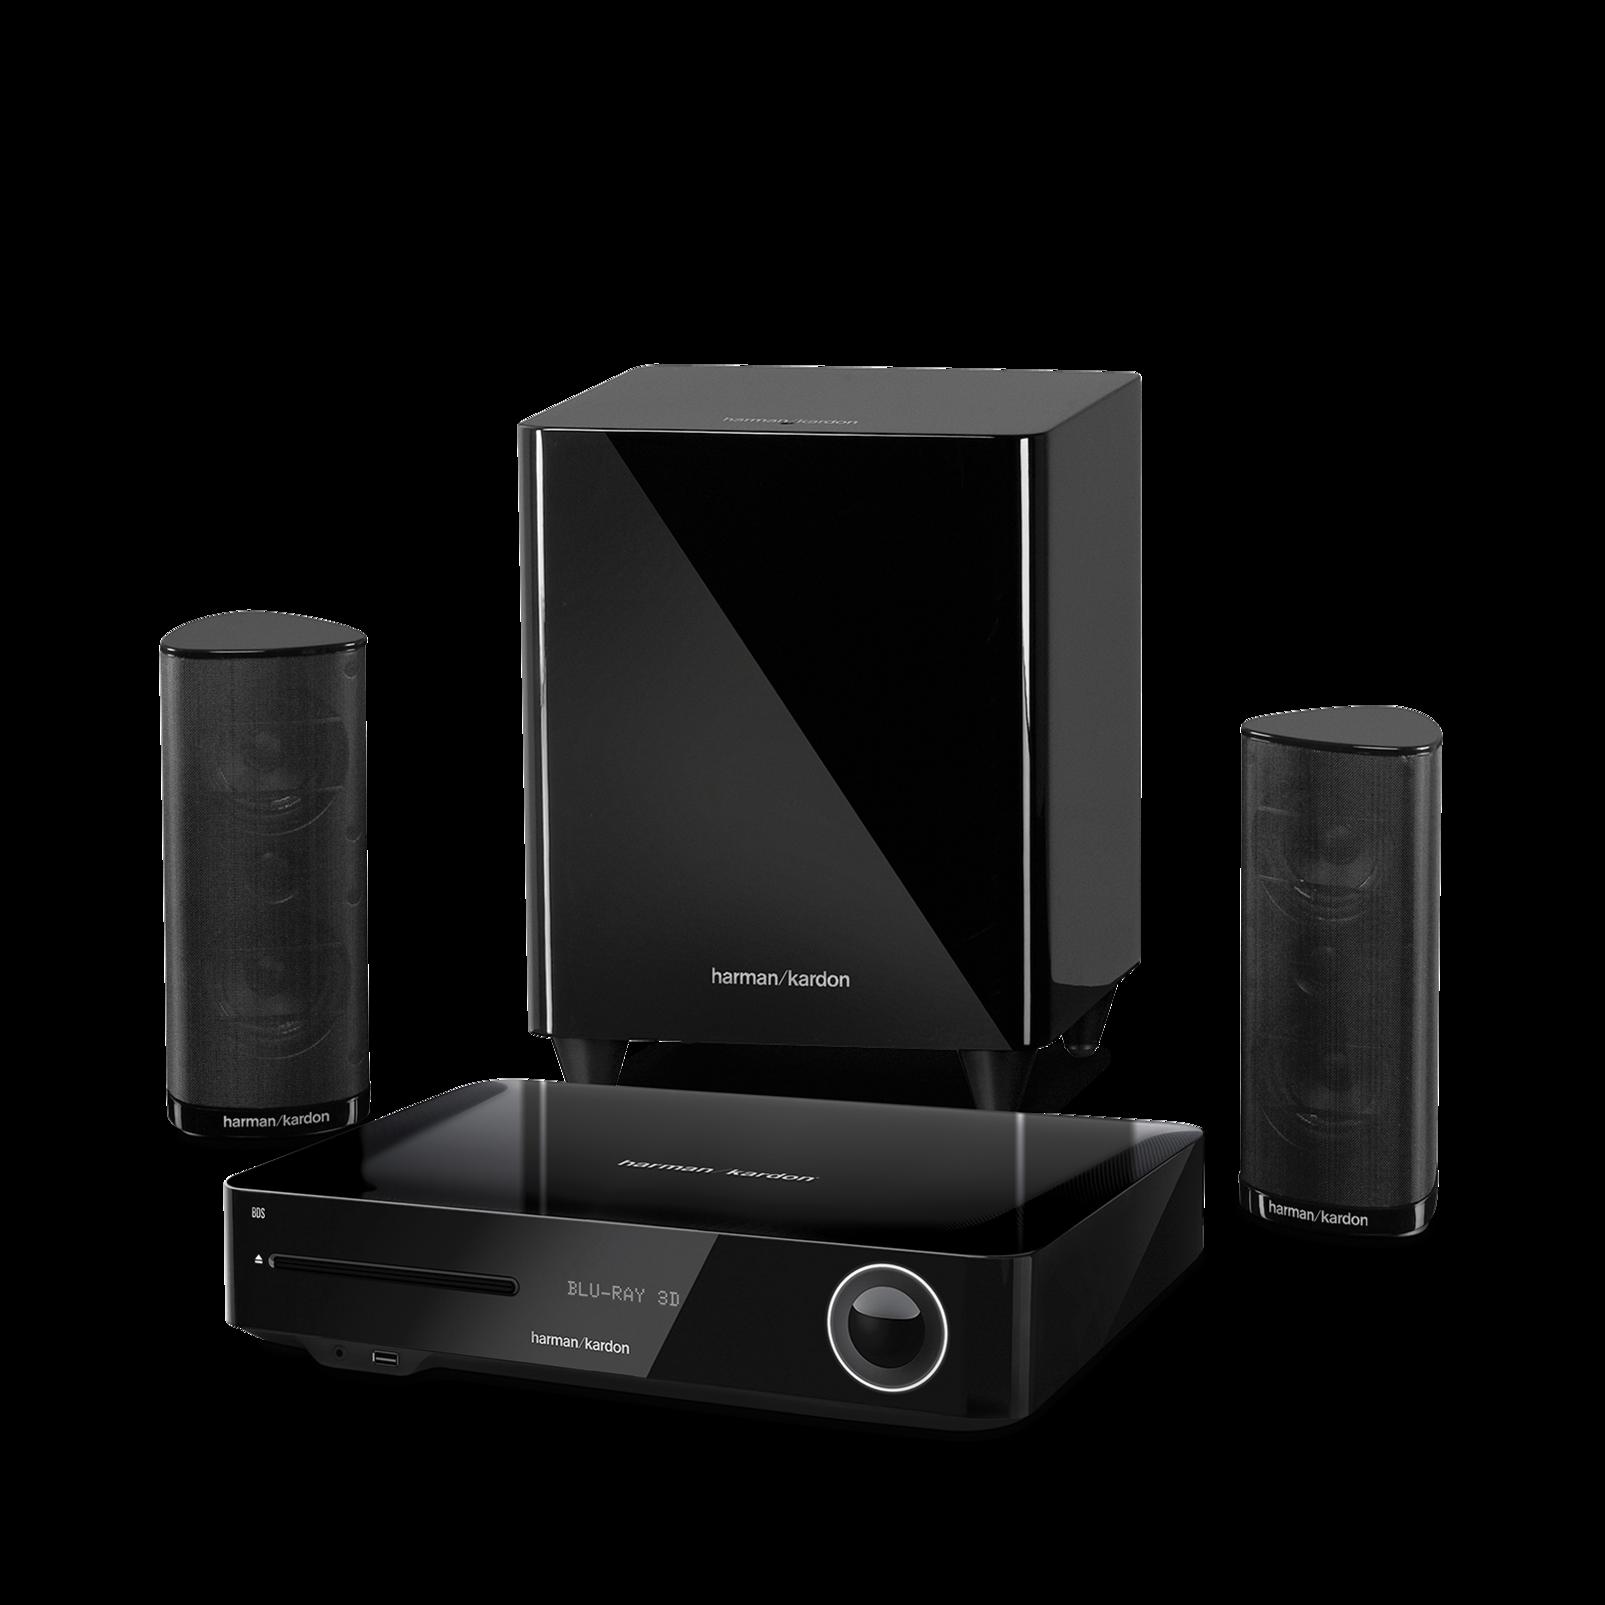 bds 385s receiver mit 2 1 kanal surround sound 330 watt. Black Bedroom Furniture Sets. Home Design Ideas